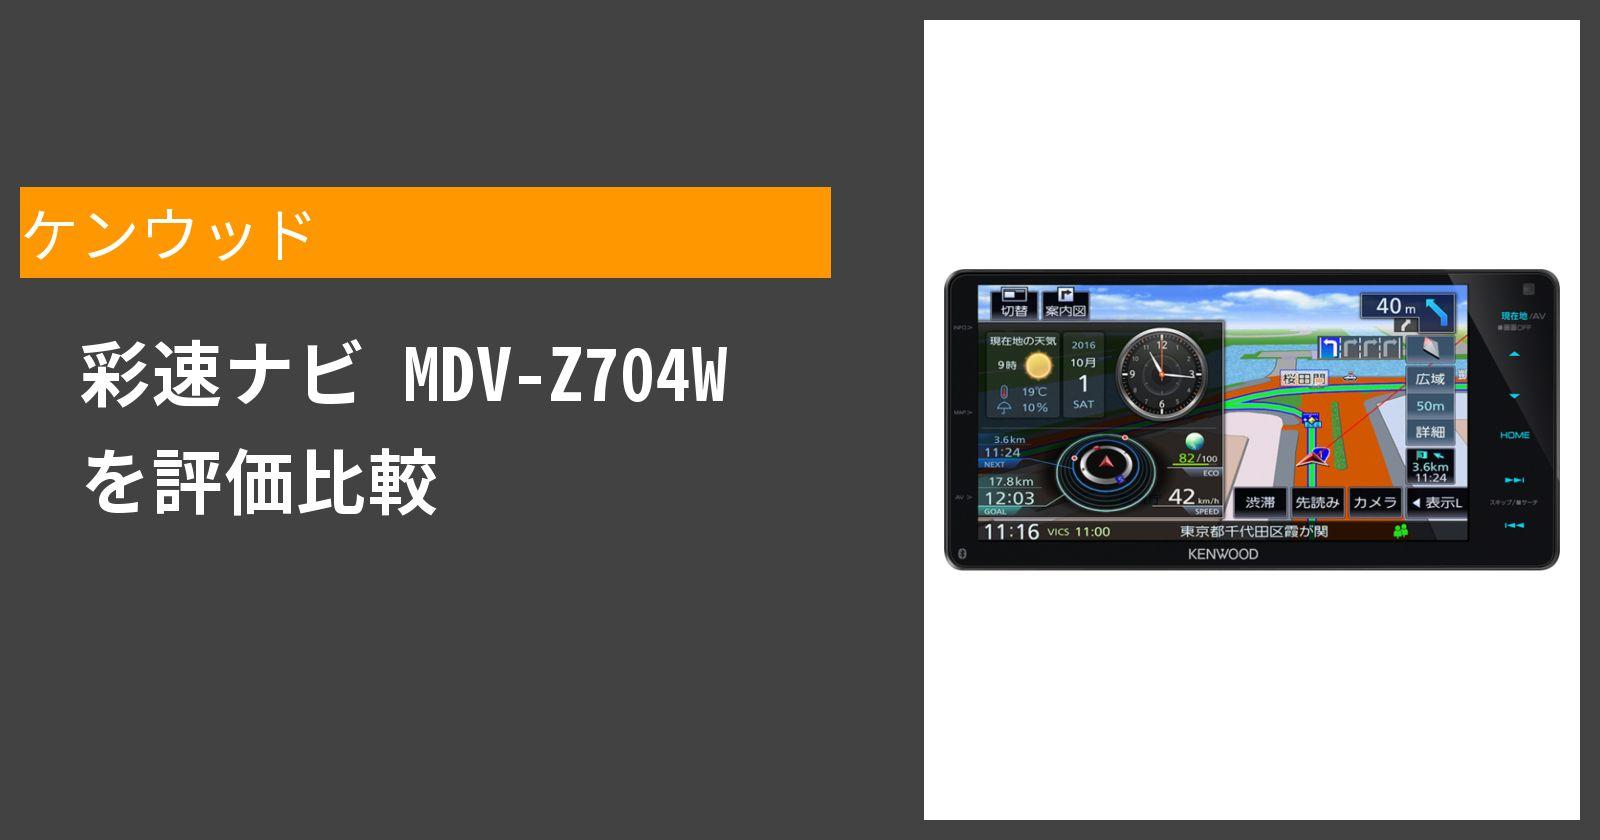 彩速ナビ MDV-Z704Wを徹底評価